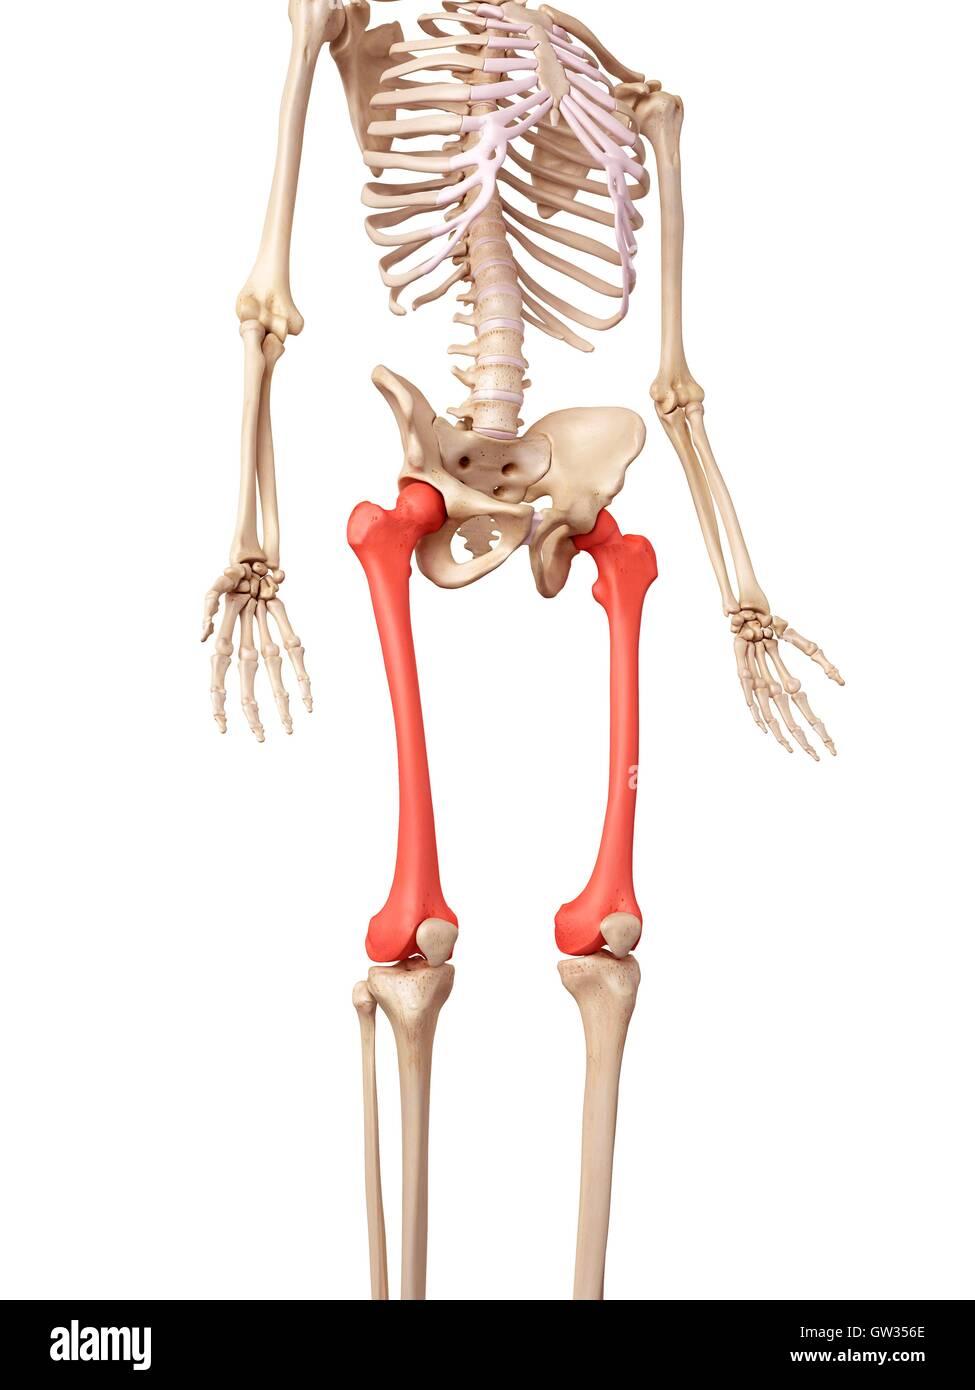 Menschliches Beinknochen, Abbildung Stockfoto, Bild: 118698566 - Alamy